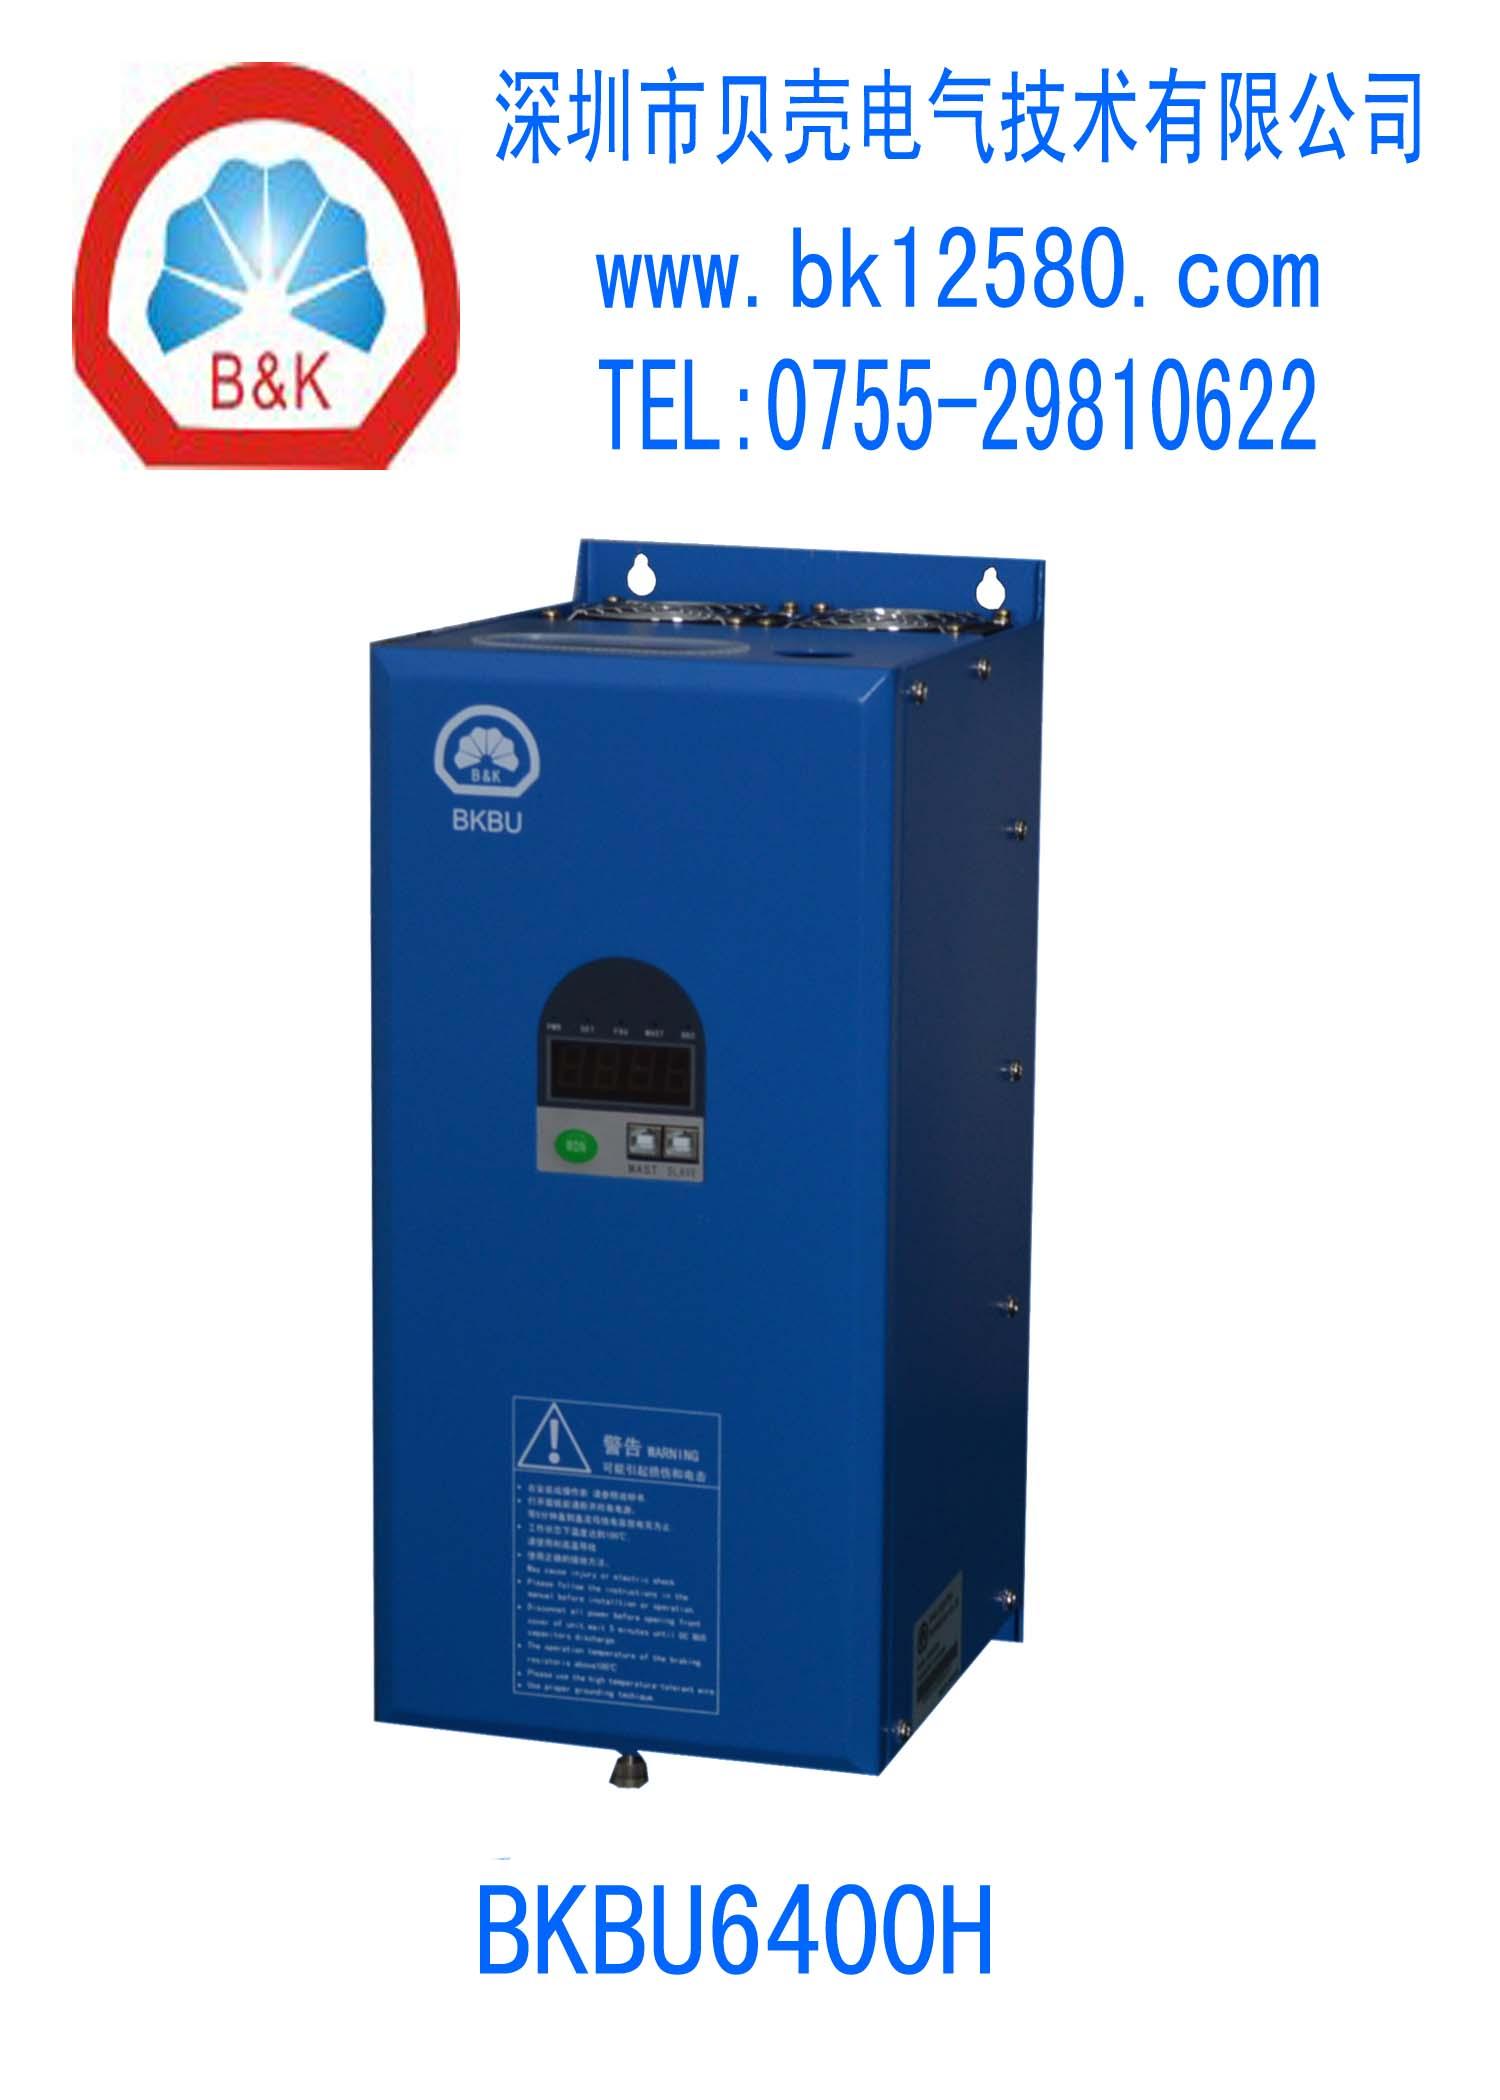 印刷机器钢板切割机注塑机风机专用制动单元BK-DR-3HA